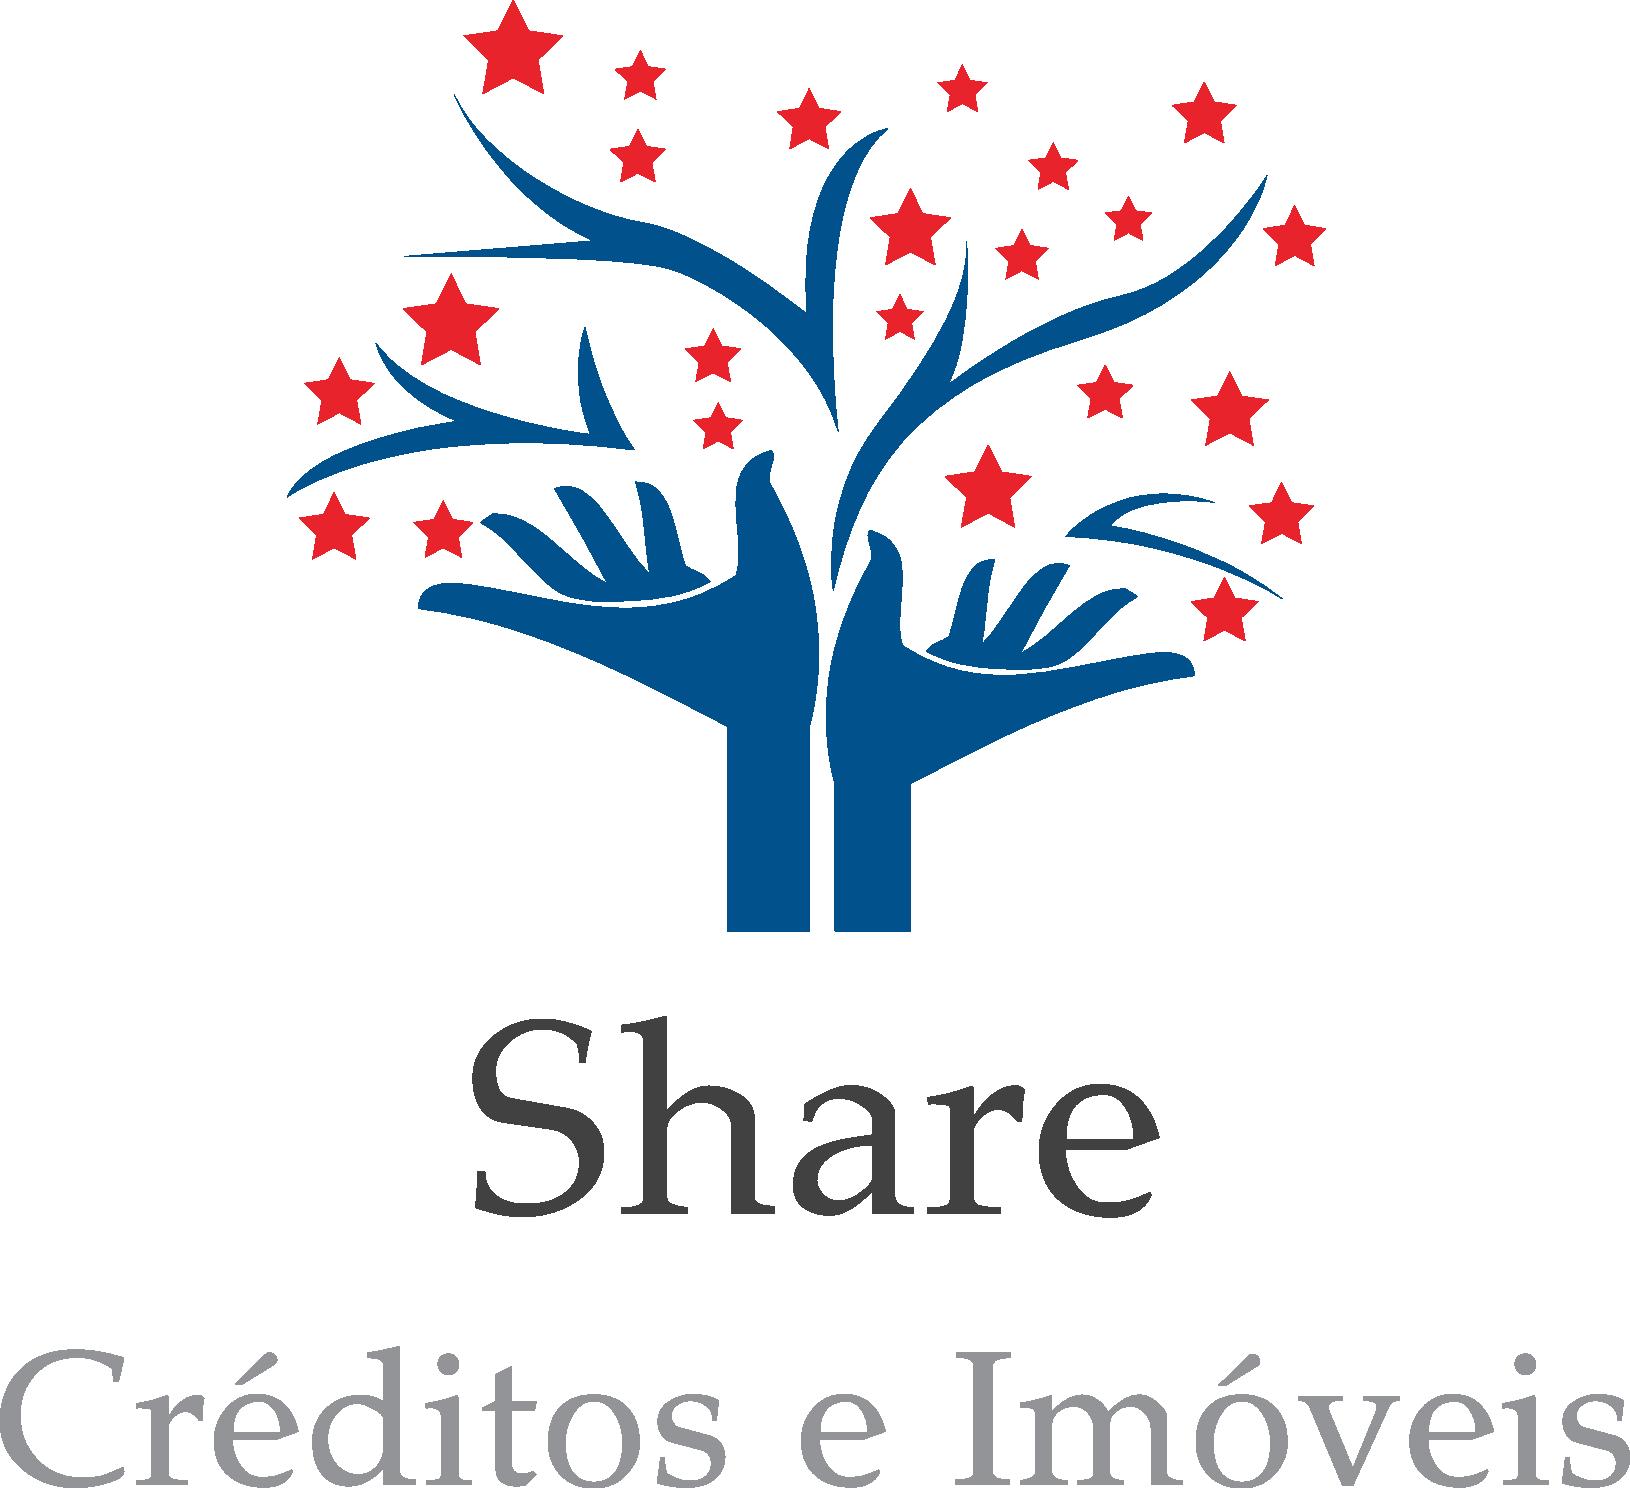 ShareCréditoseImóveis por GuarulhosSites